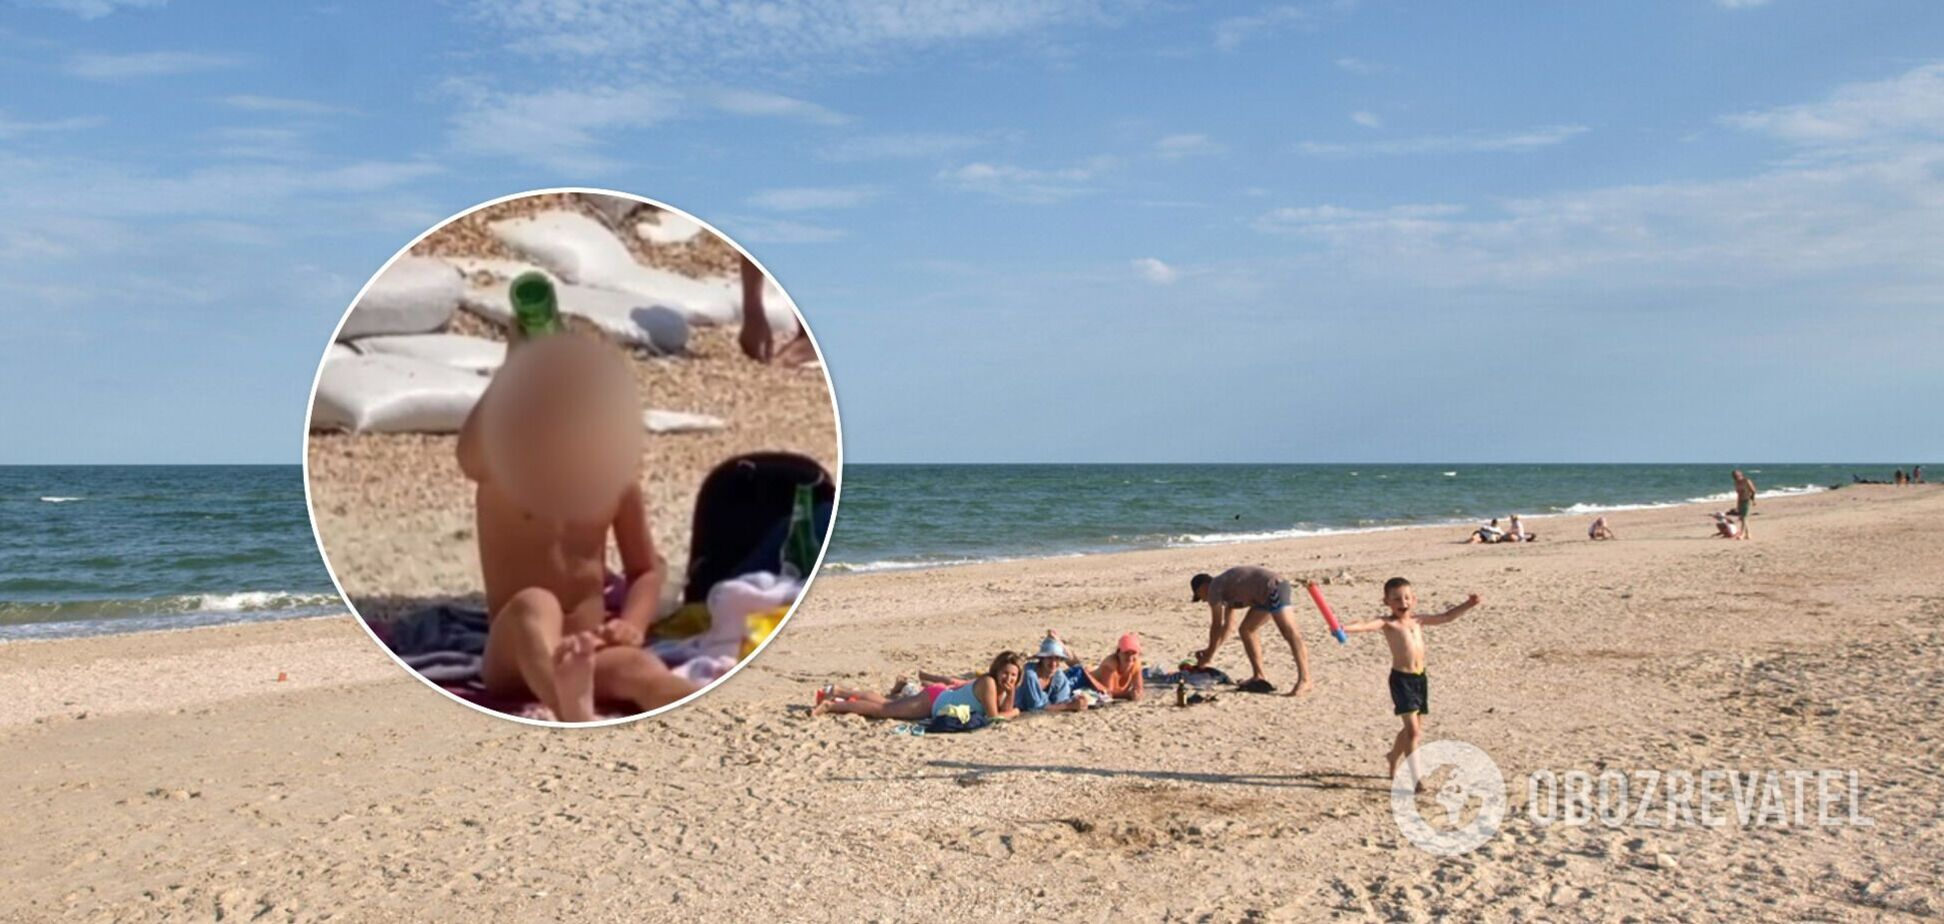 В Кирилловке заметили маленького мальчика с бутылкой пива. Видео